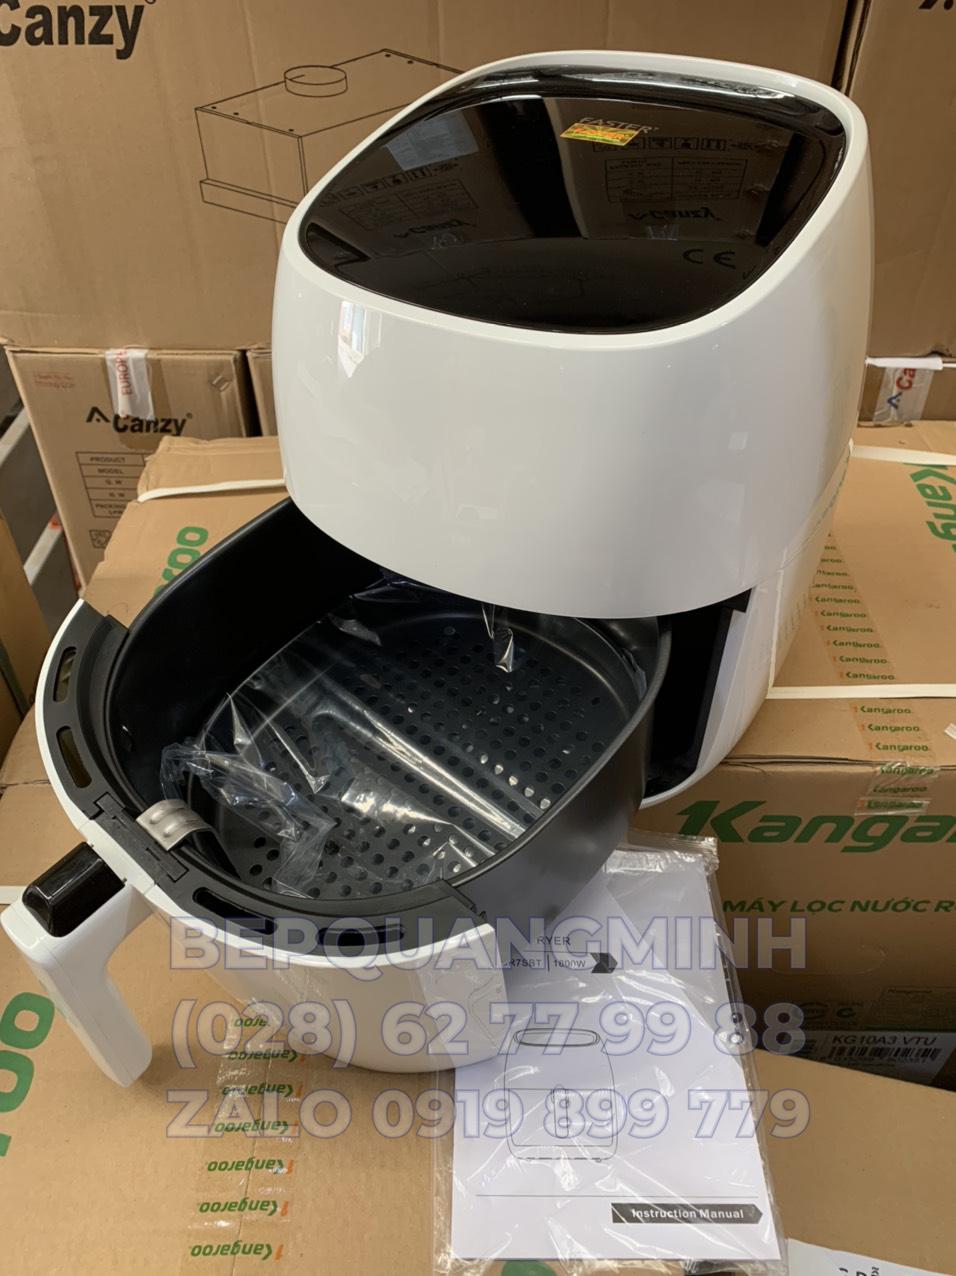 noi-chien-khong-dau-loai-lon-7-lit-faster-1-02072020112128-455.jpg